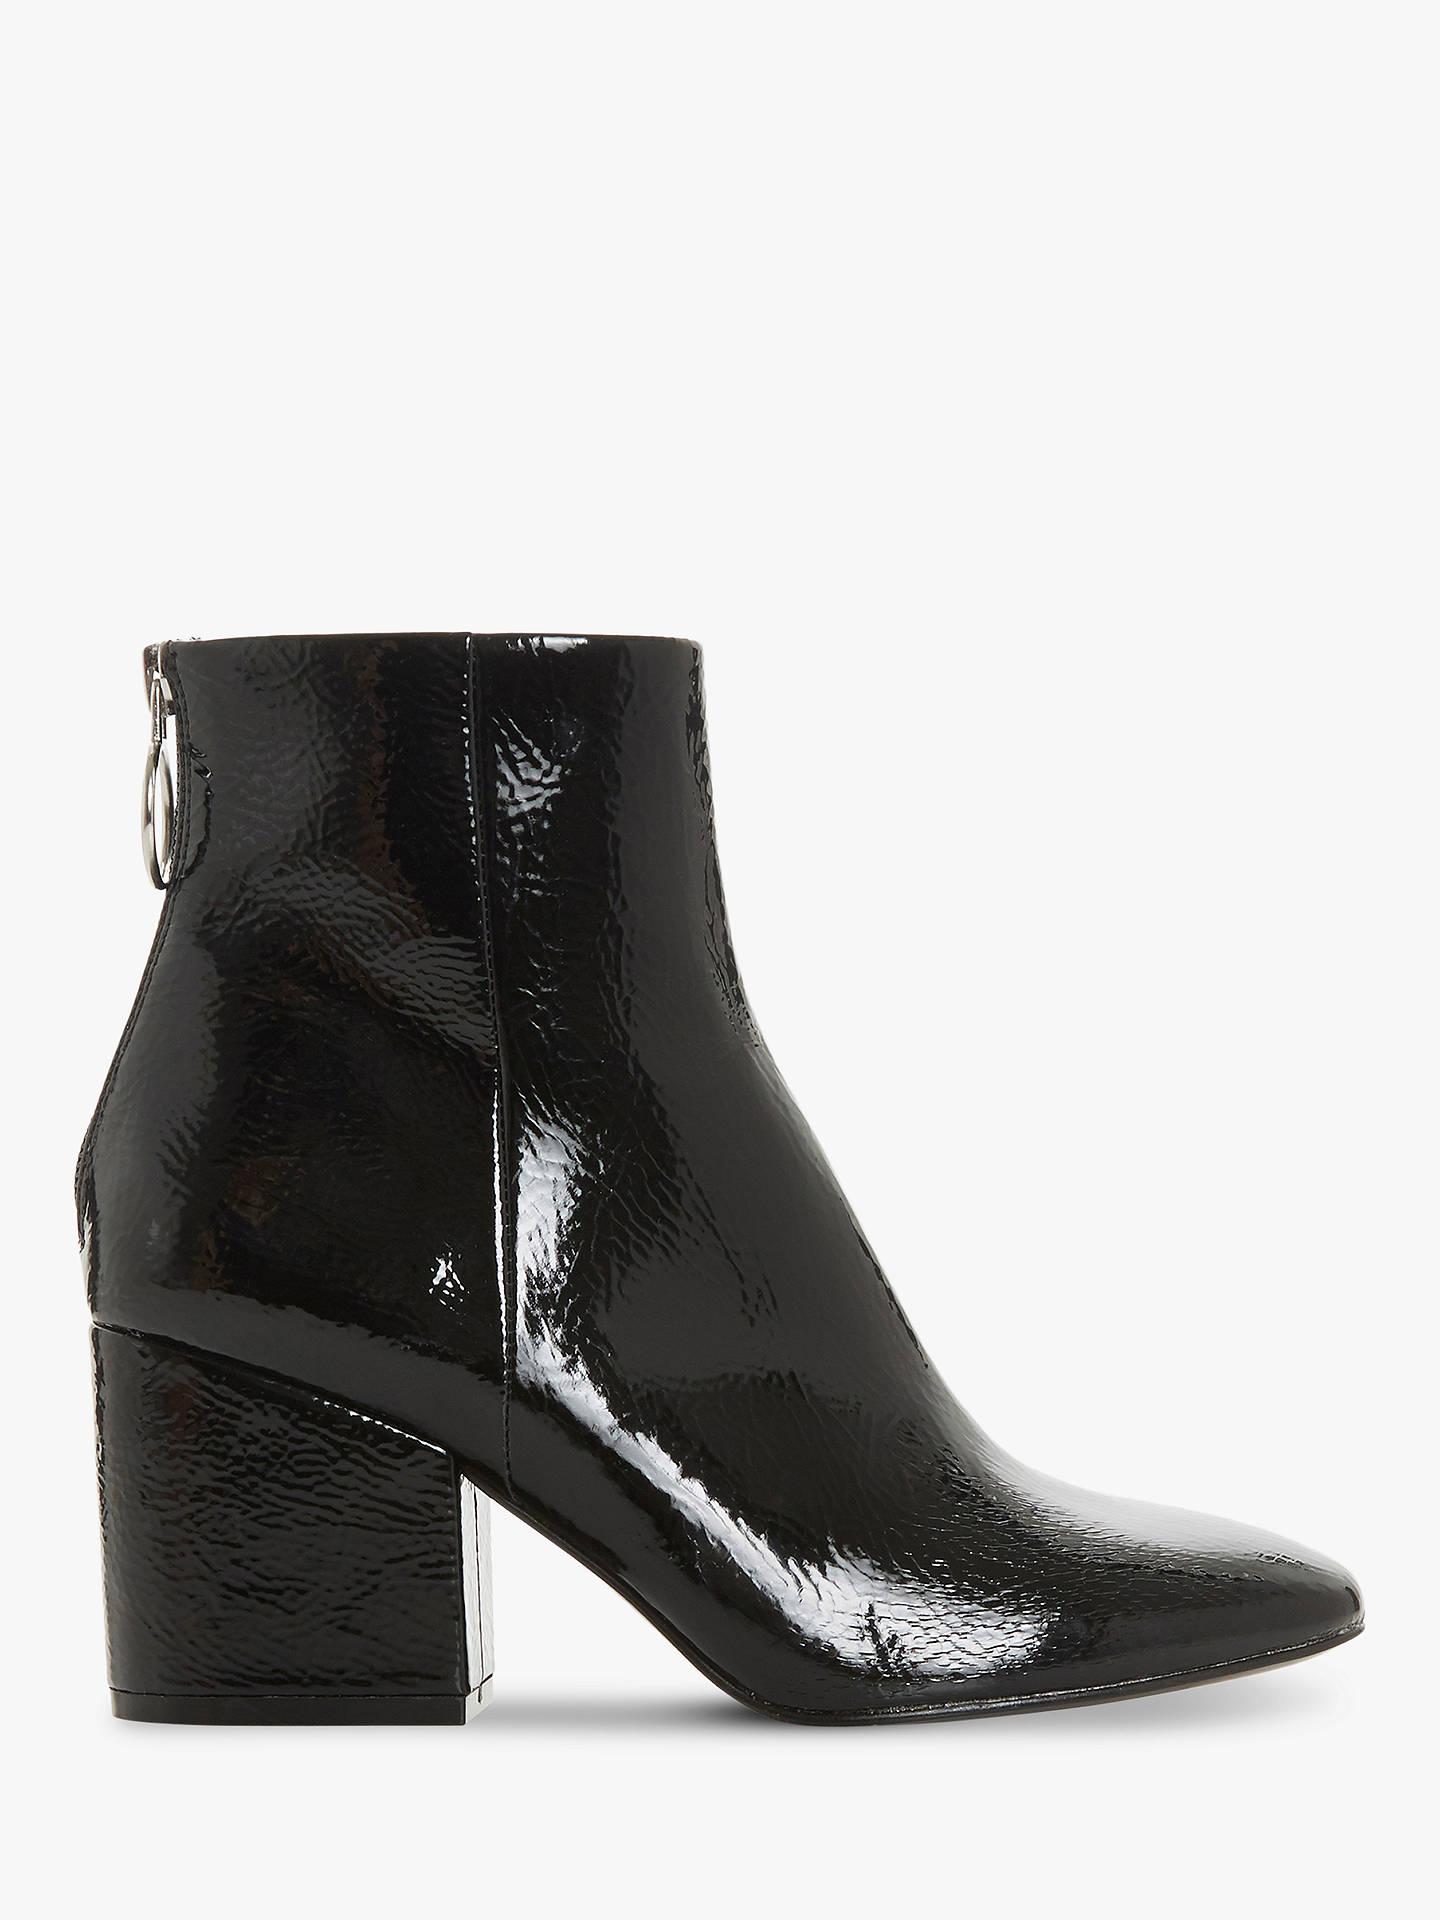 536c4e459b5 Buy Steve Madden Break O-Ring Patent Block Heel Ankle Boots, Black, 3 ...